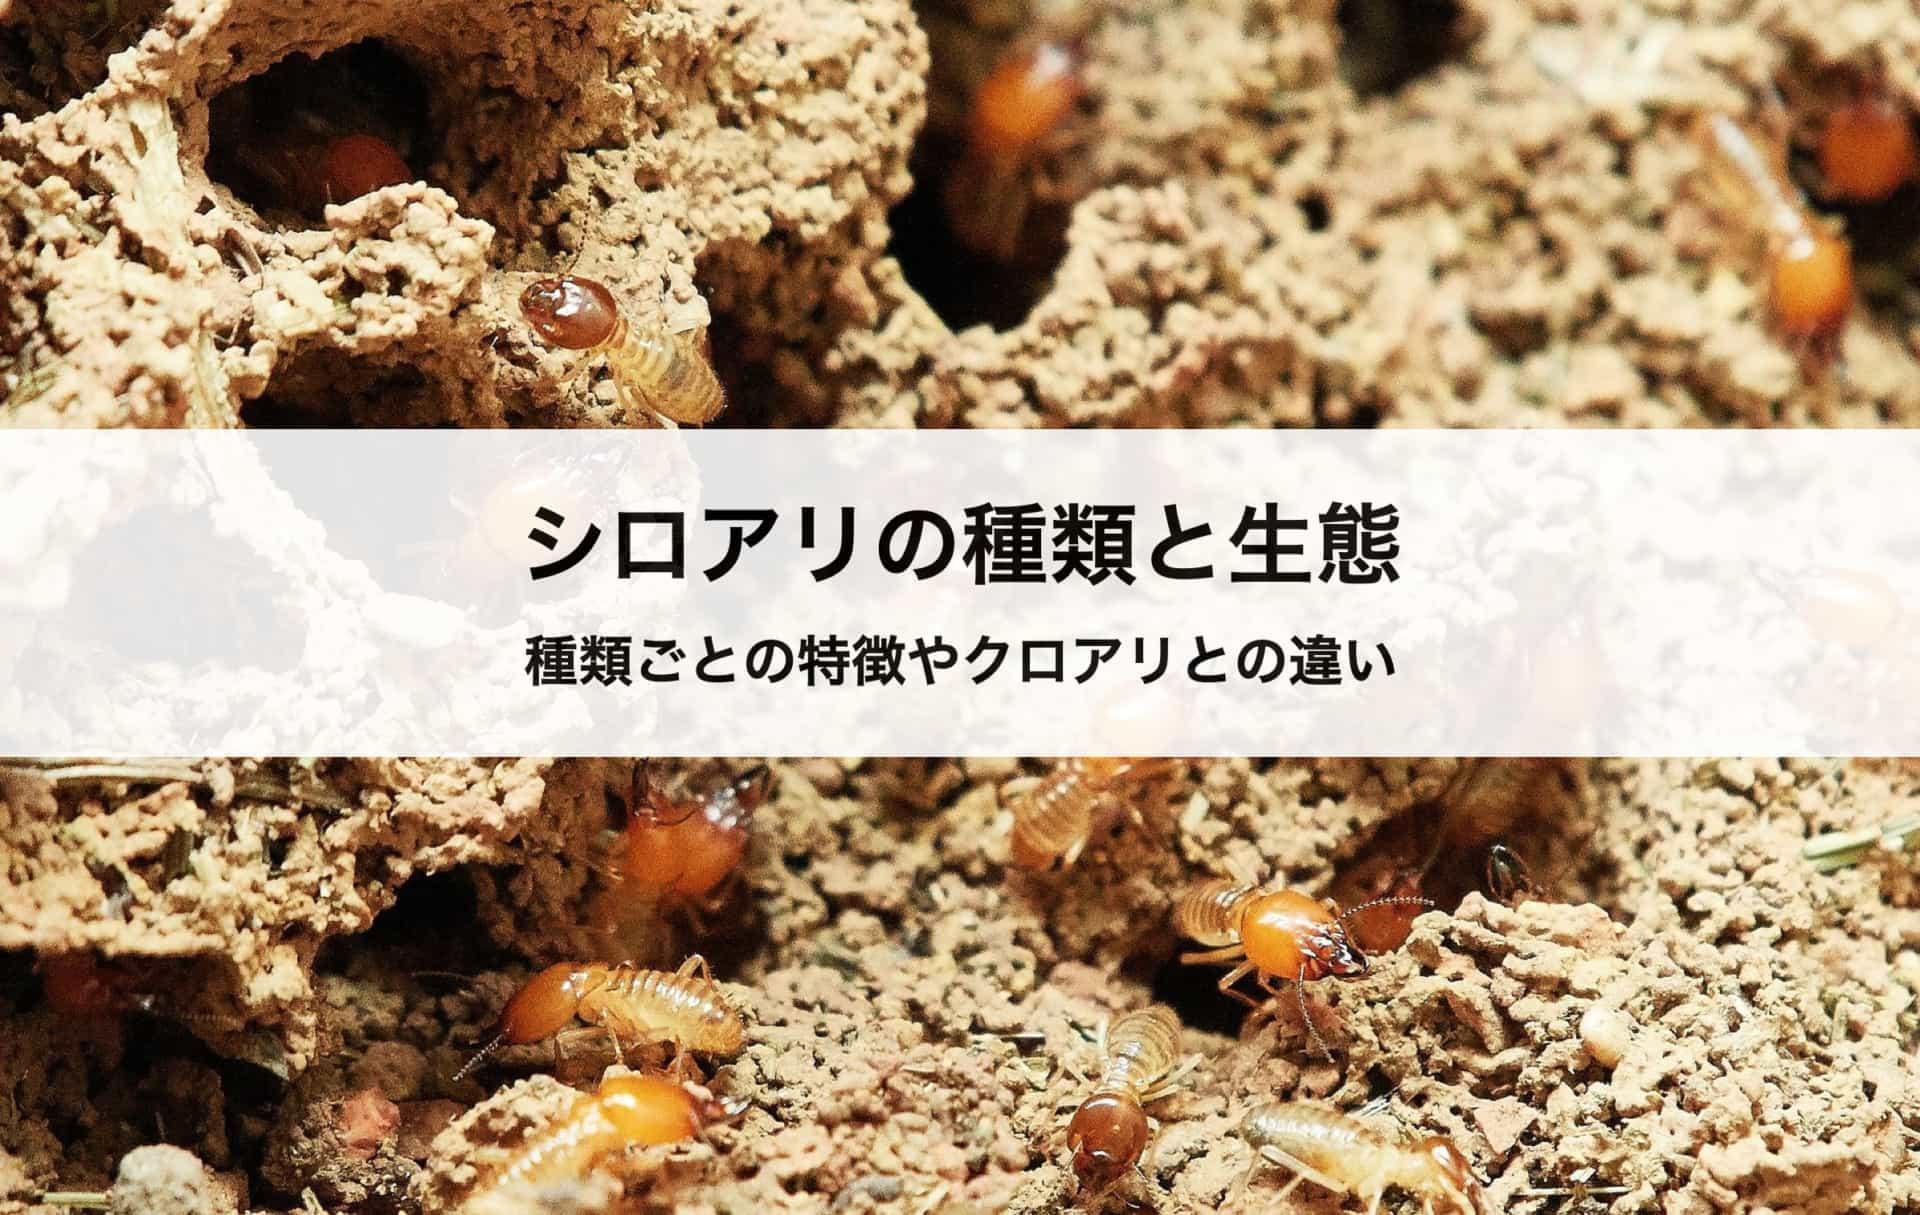 シロアリの種類と生態を徹底解説|種類ごとの特徴やクロアリとの違いについても紹介!